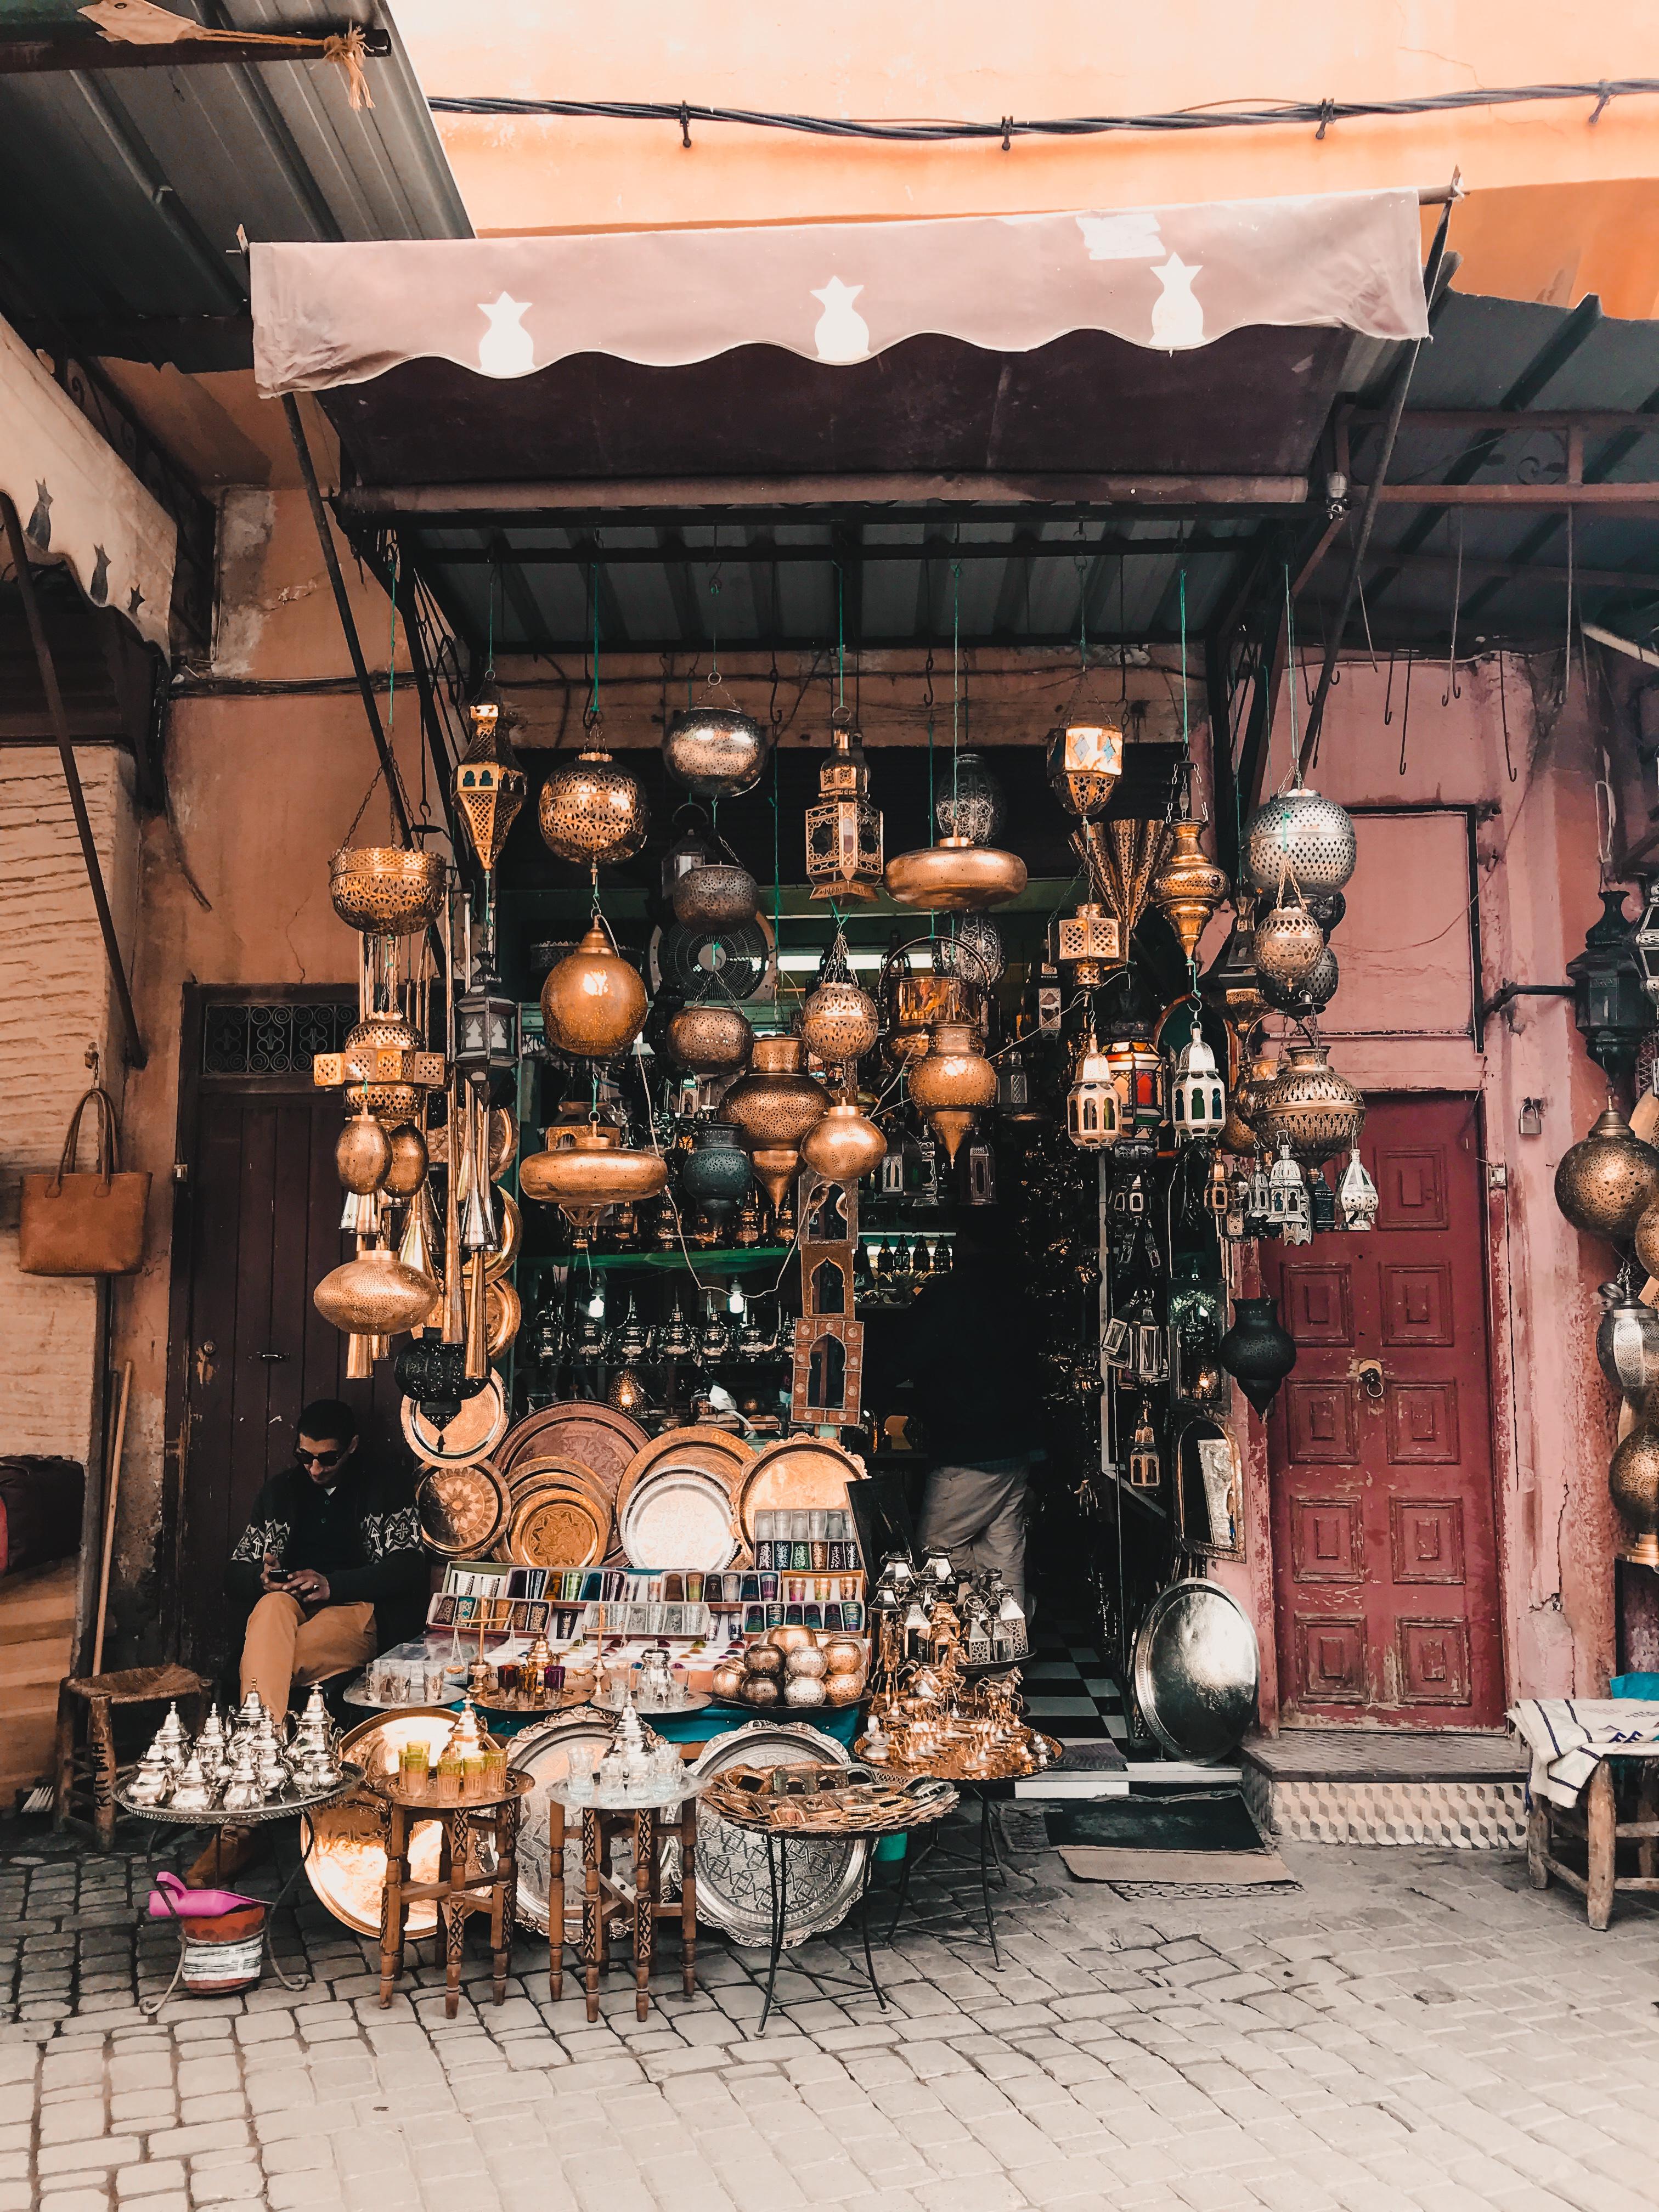 Lantern souvenir shop